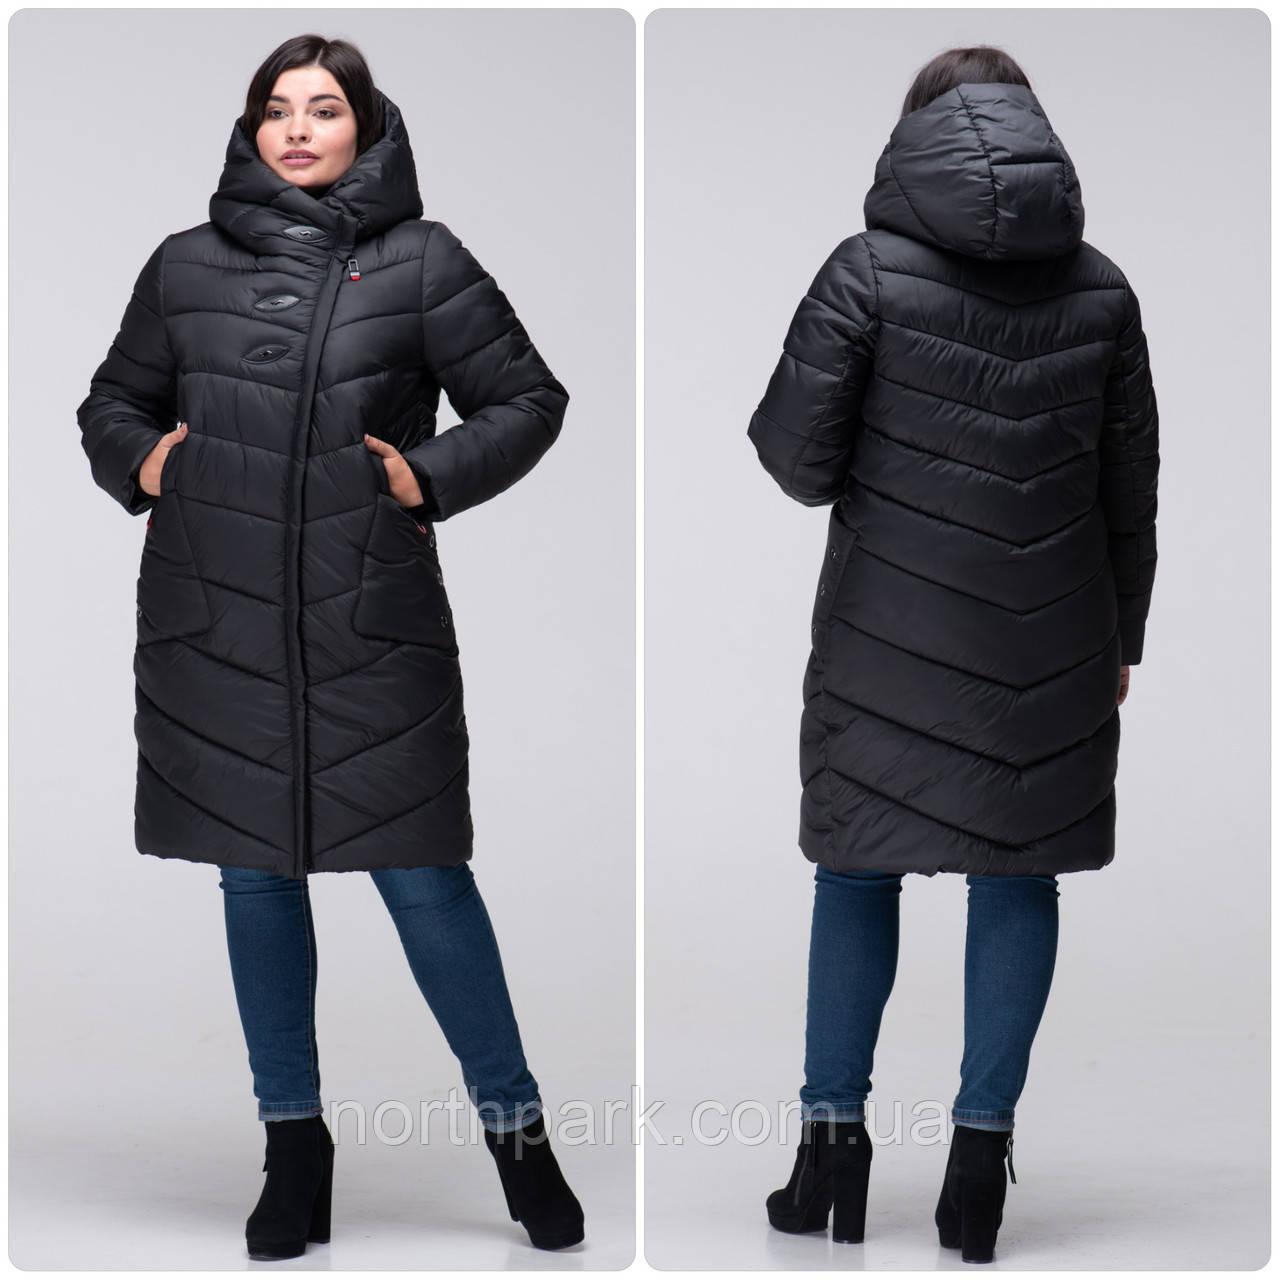 Стеганное зимнее женское пальто VS 192 большого размера Черный, 50